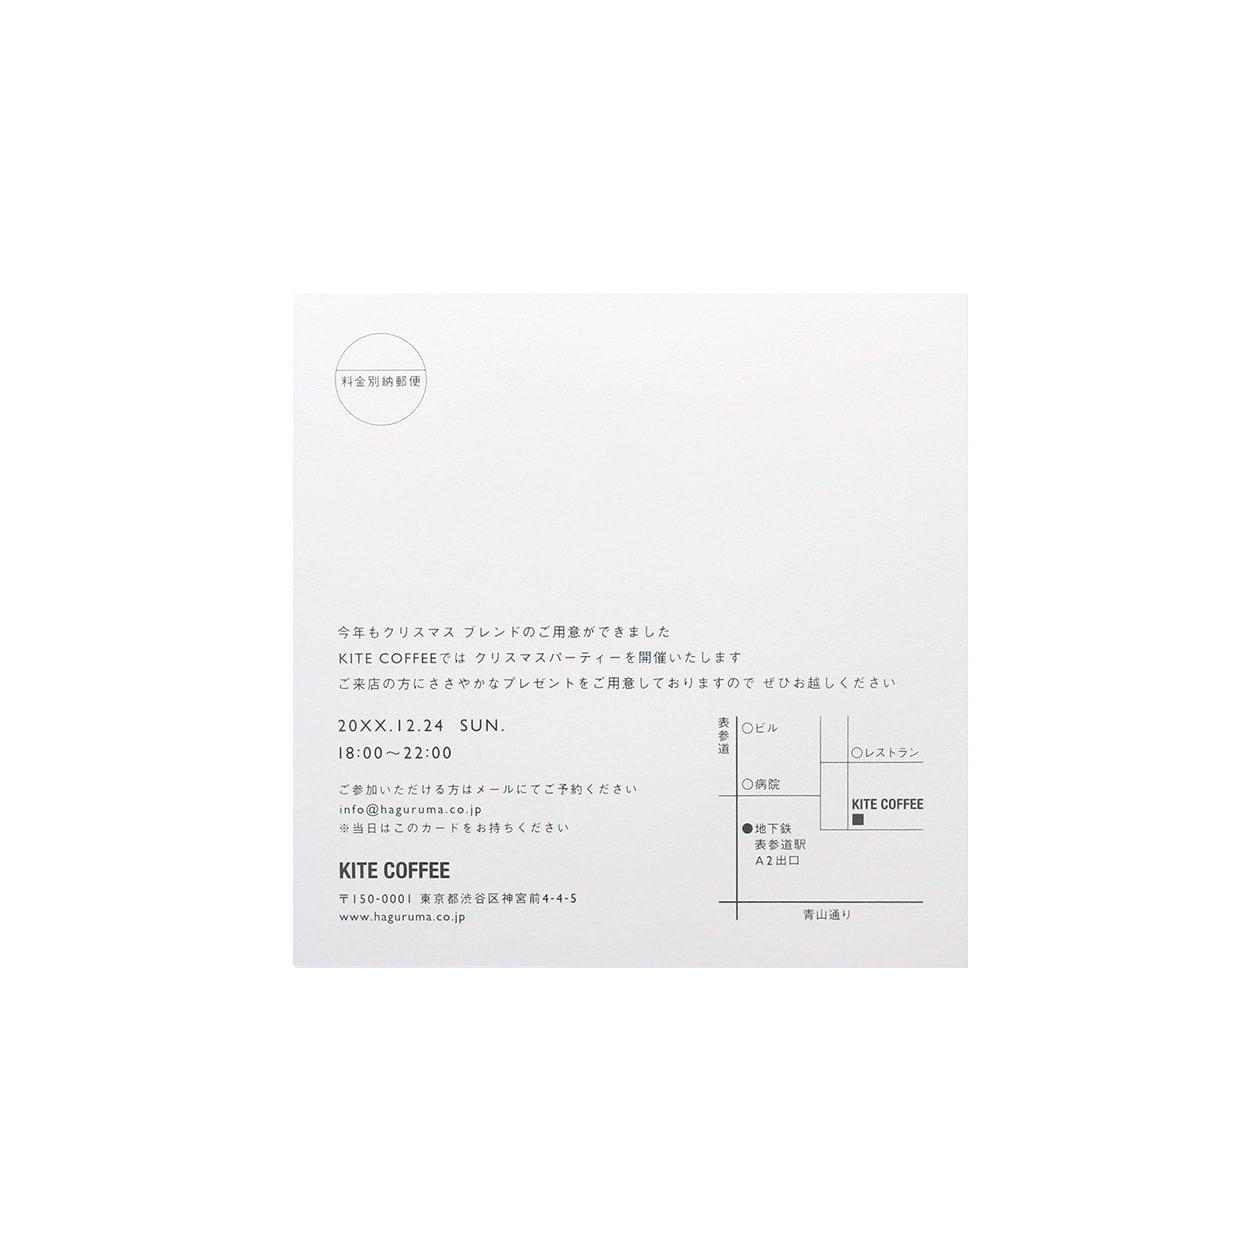 サンプル カード・シート 00375